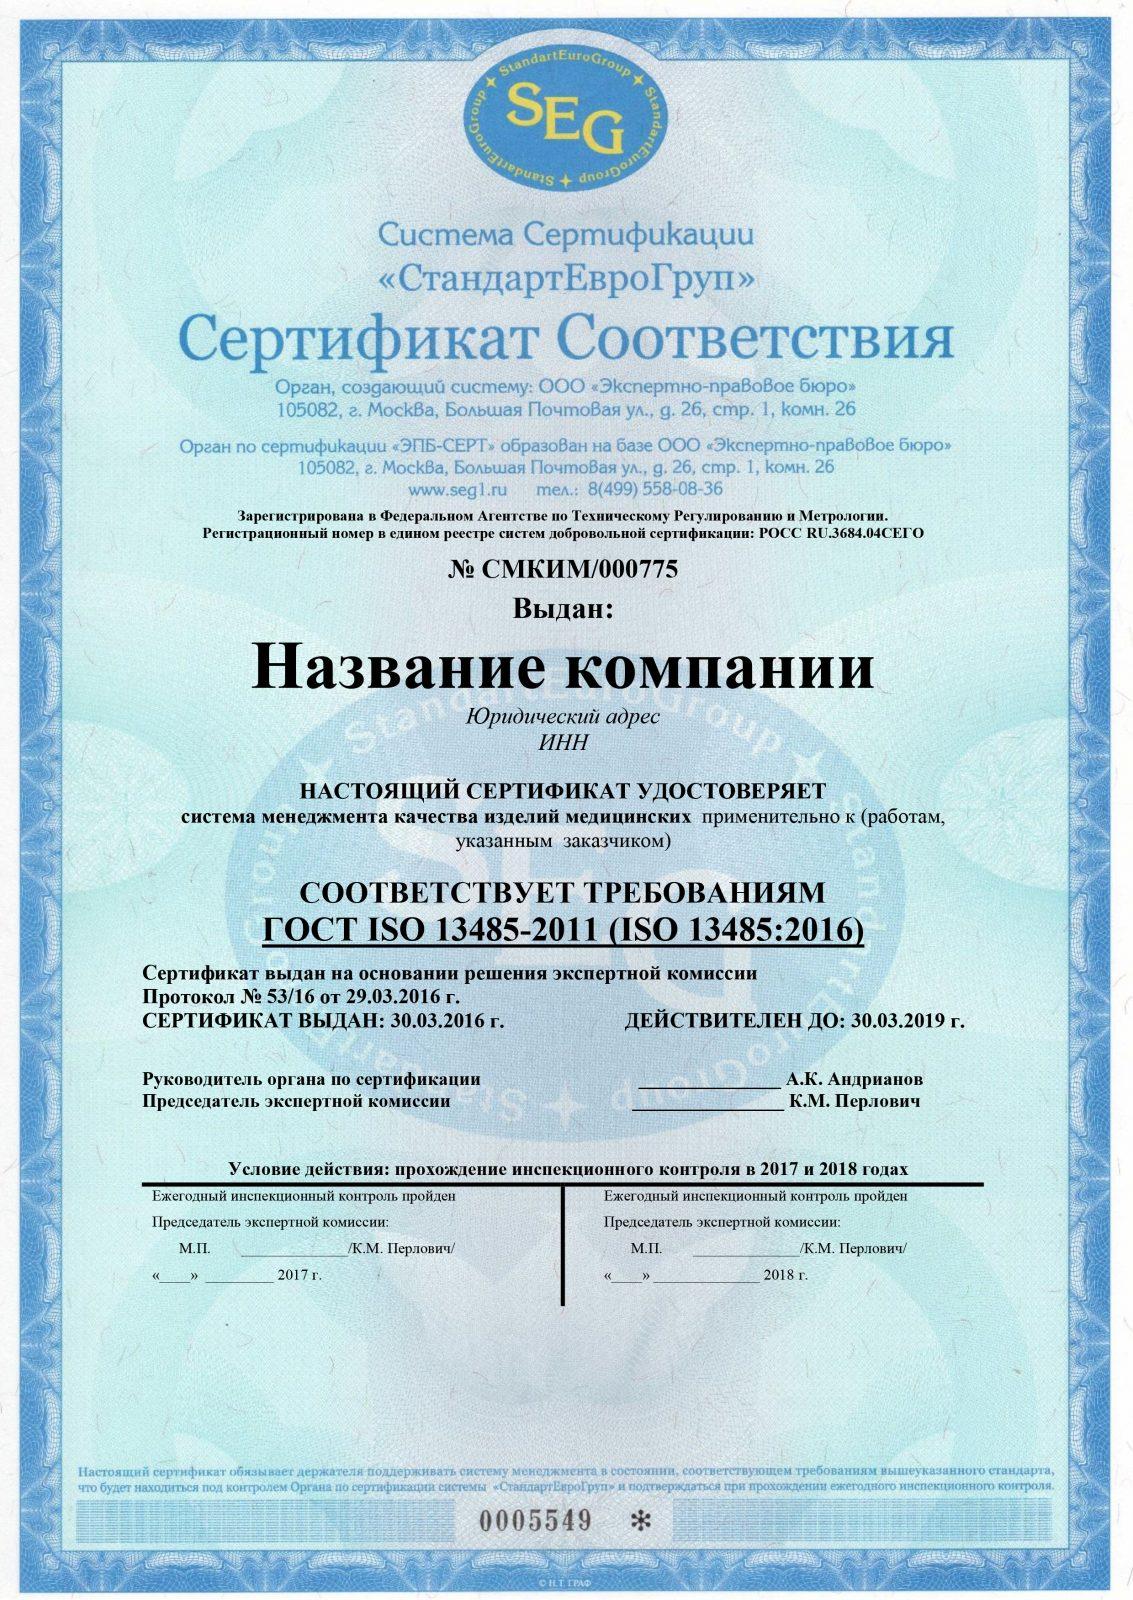 Сертификация ГОСТ ISO 13485